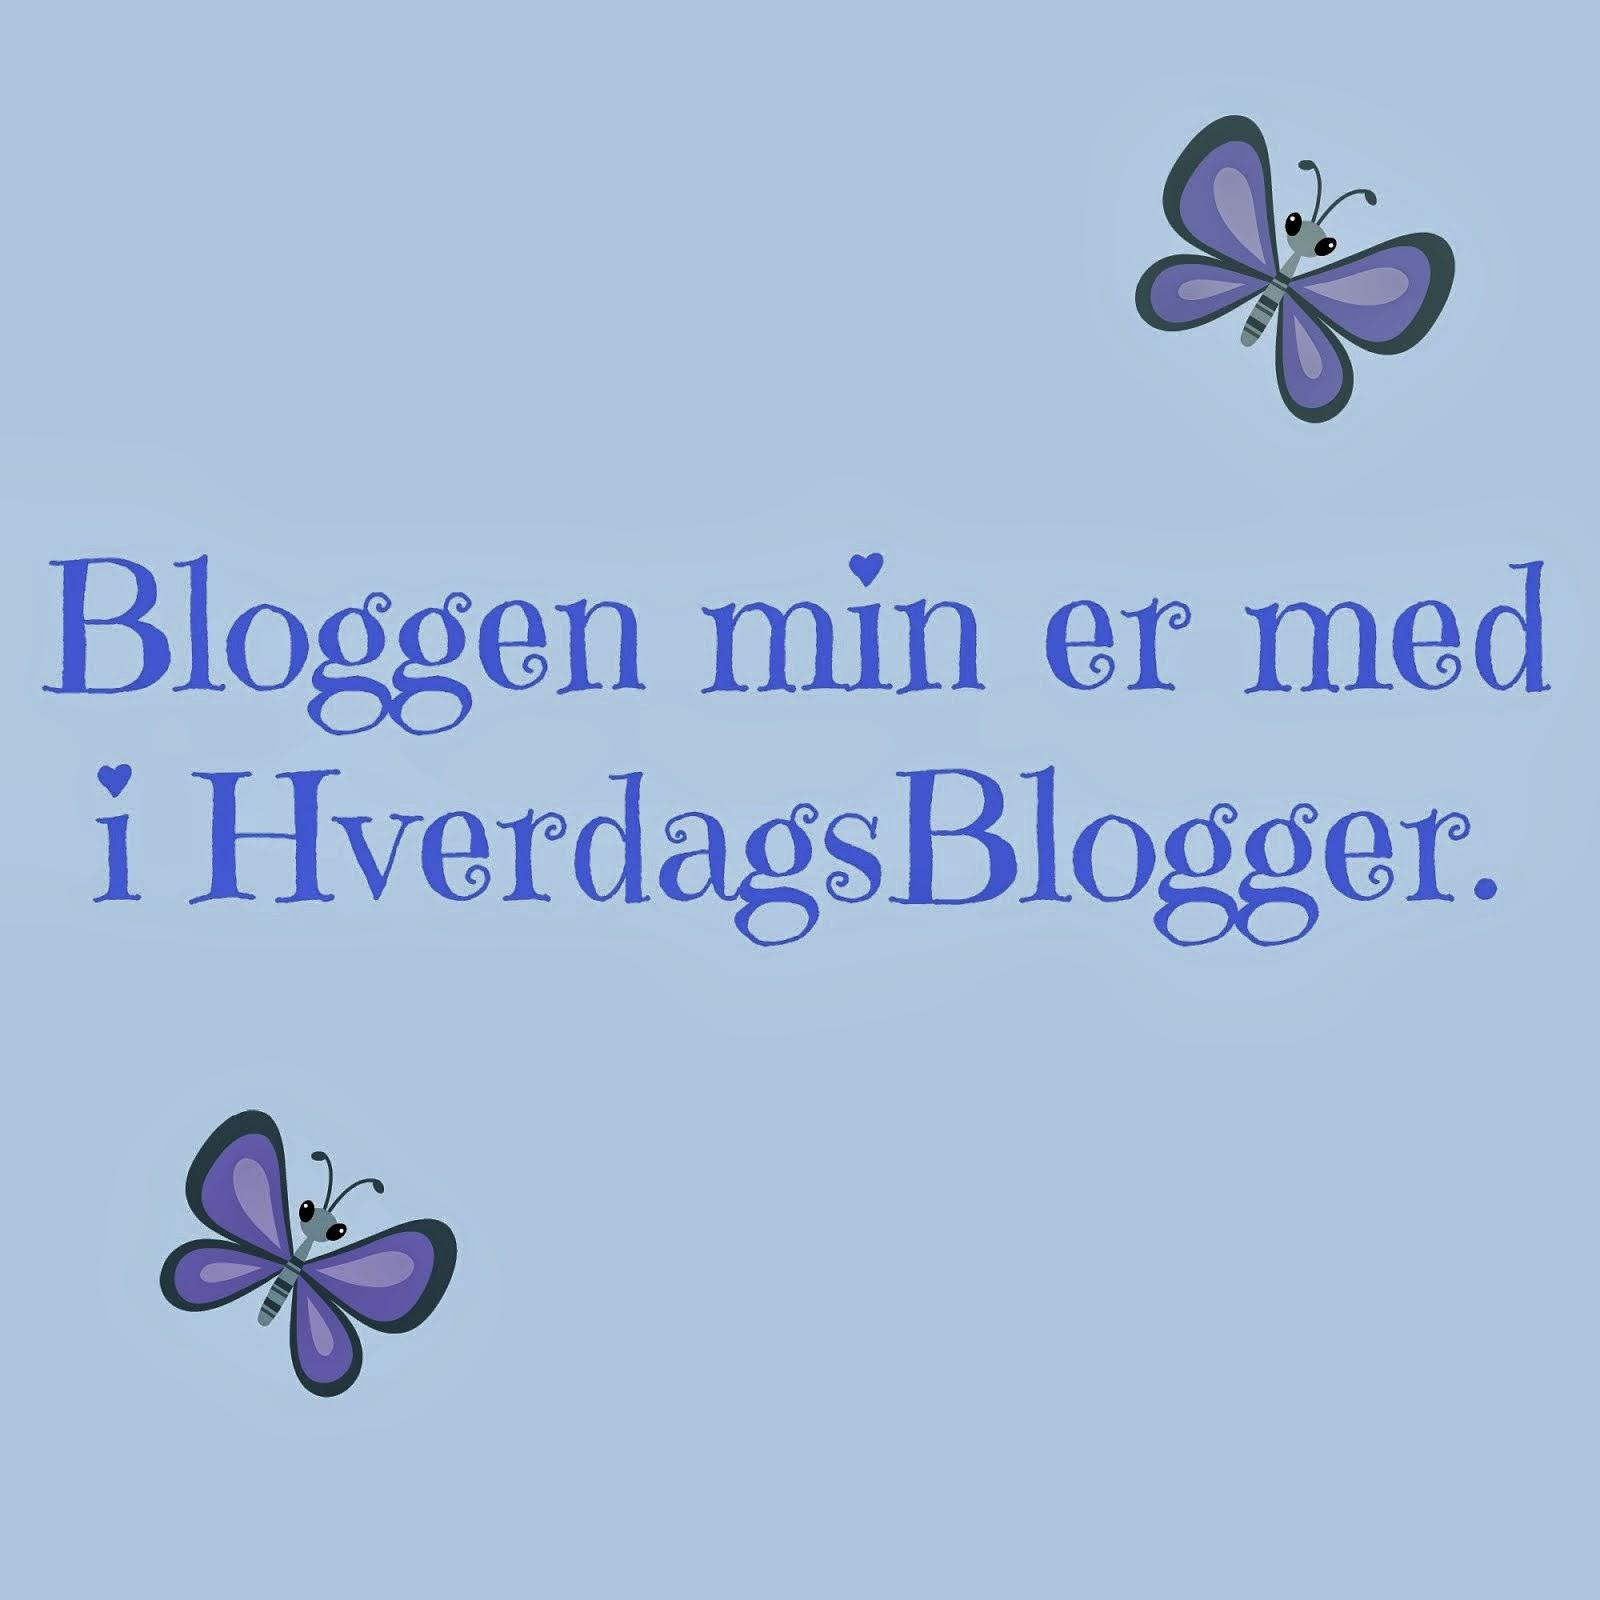 Jeg er med i hverdagsblogger